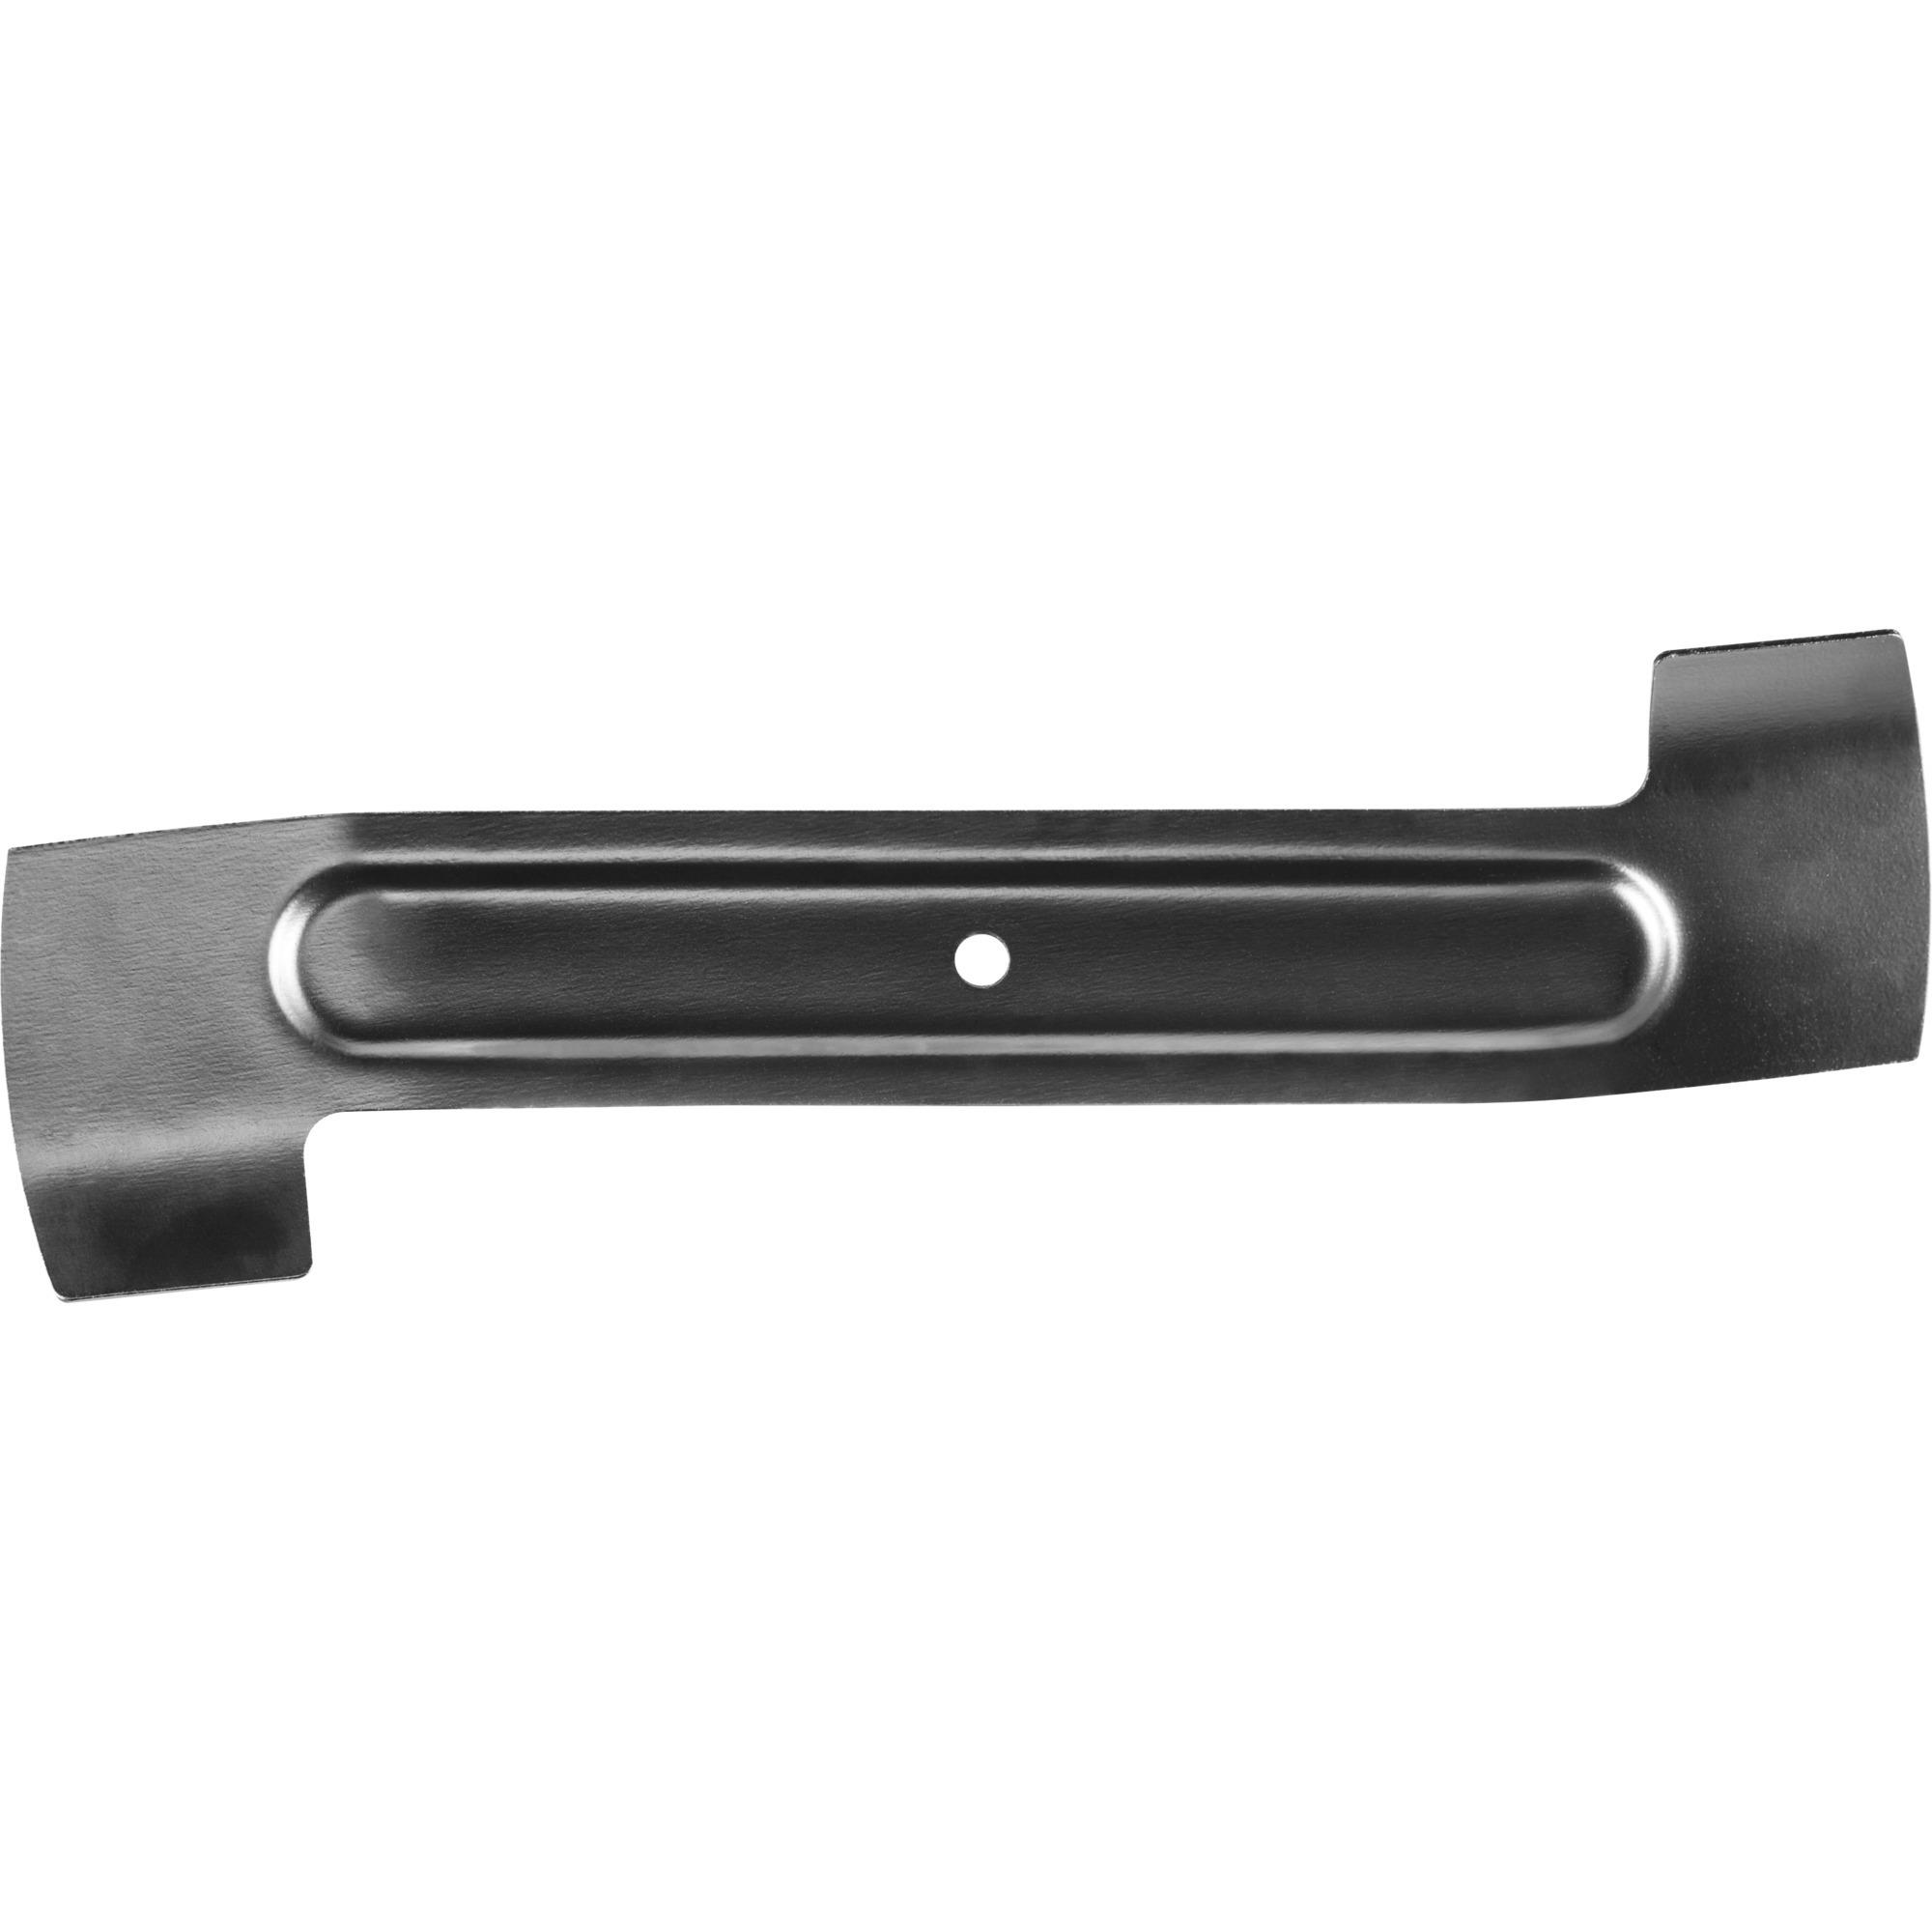 04101-20 Plæneklipperblad tilbehør til plæneklipperdel, ekstra klinge